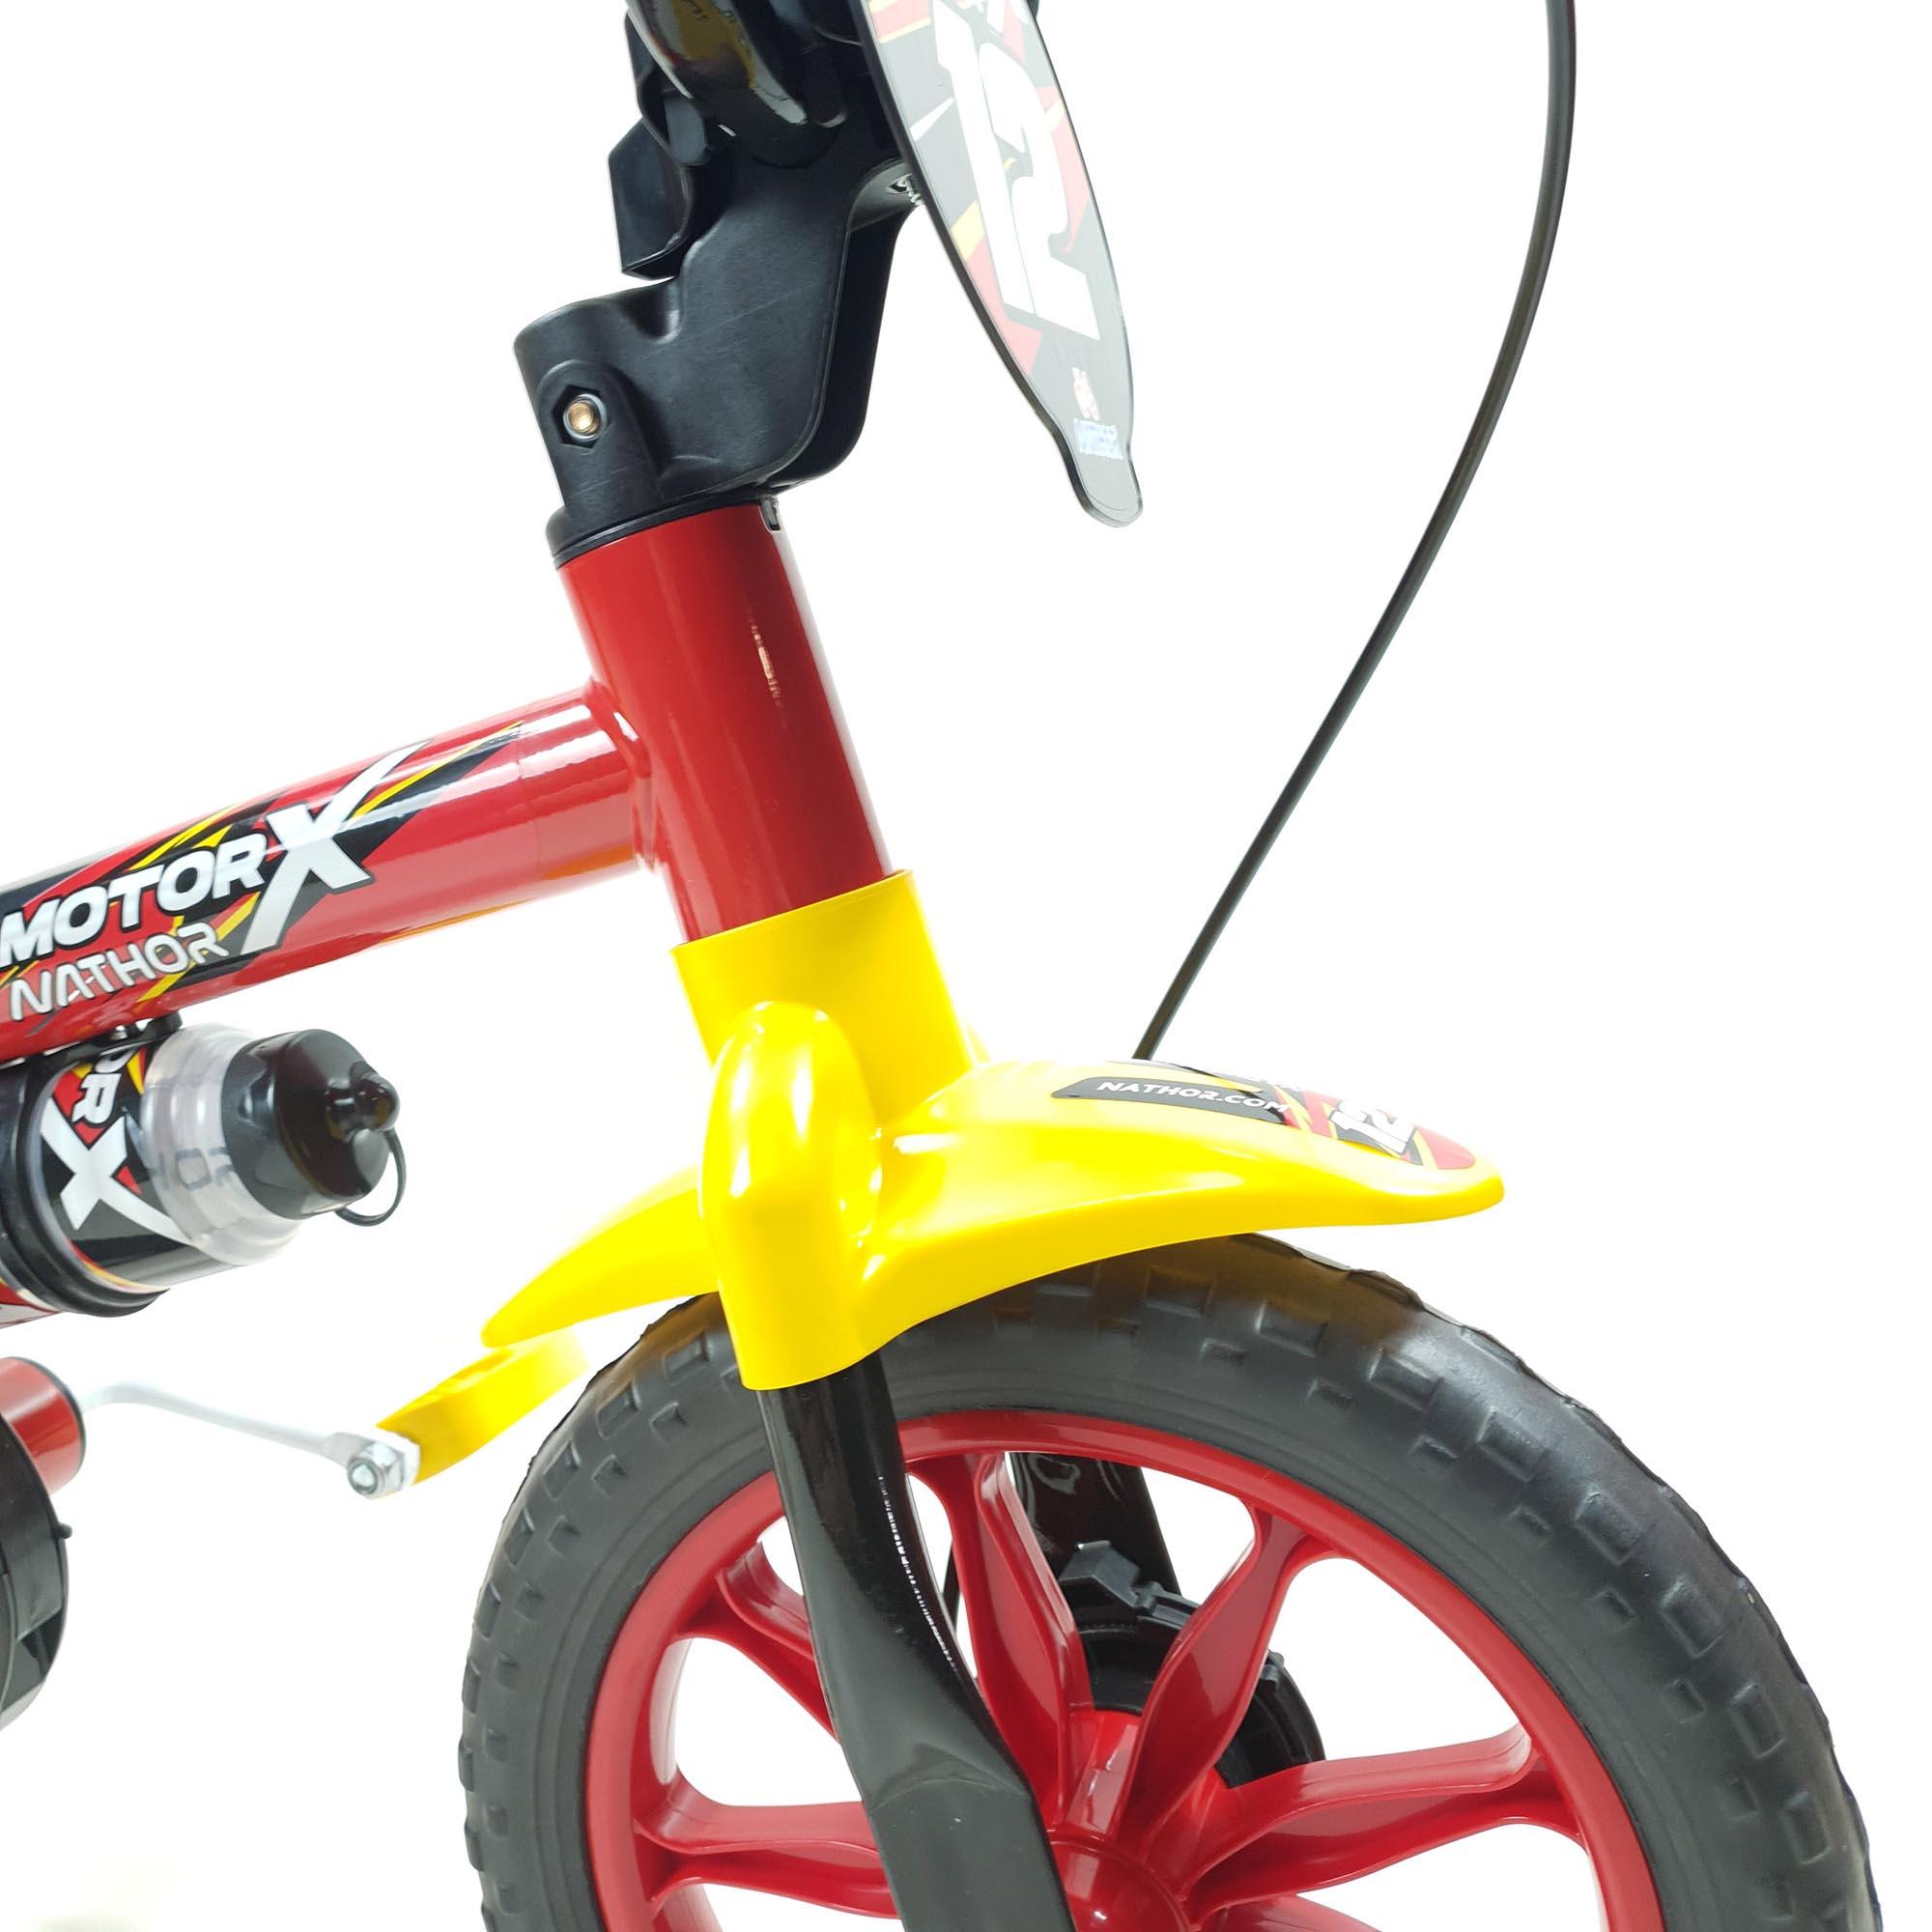 Bicicleta Nathor Infantil Aro 12 Masculino Motor x Selim Pu Vermelho_Preto